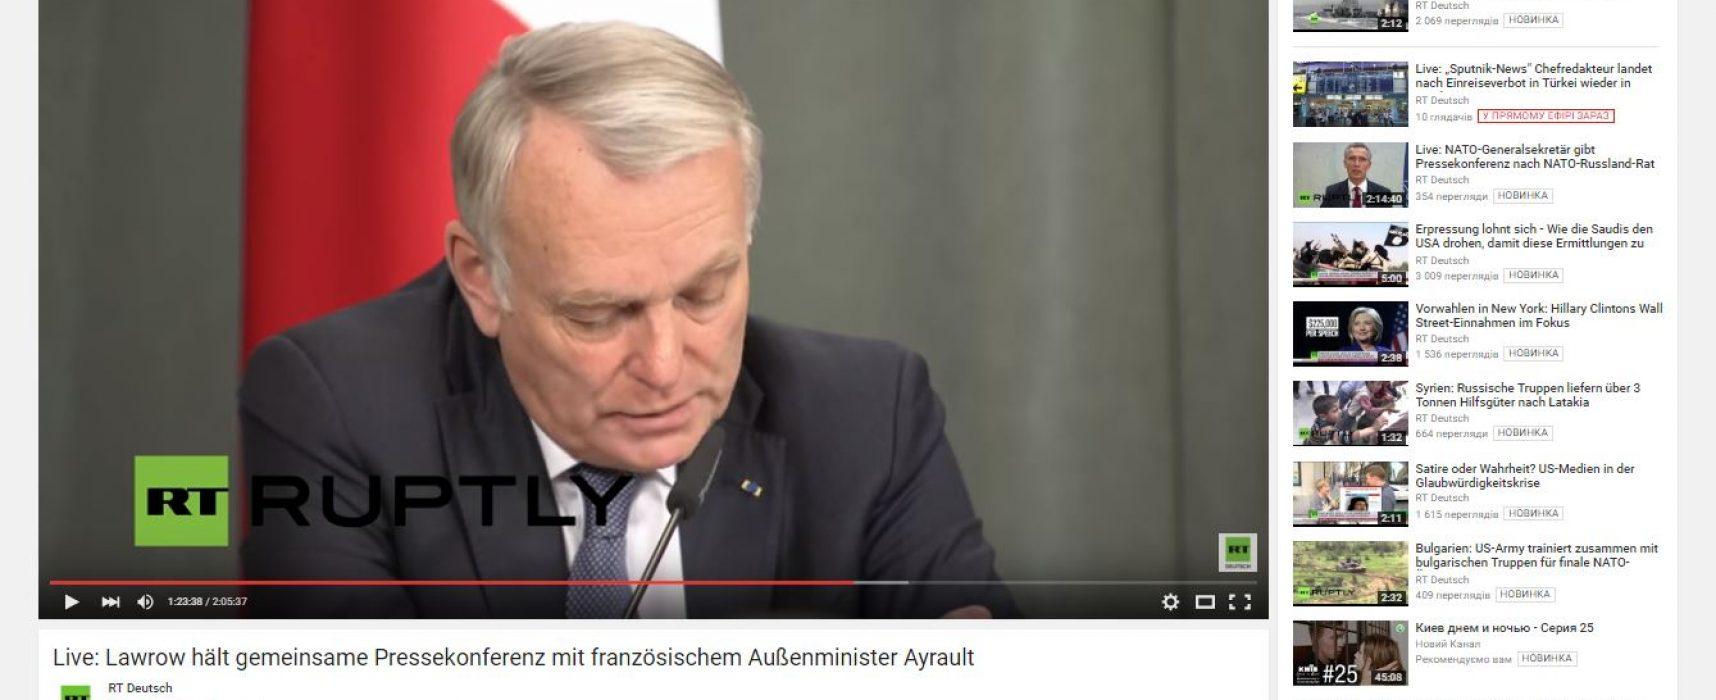 Media russi ed ucraini alterano le parole del Ministro degli Esteri francese